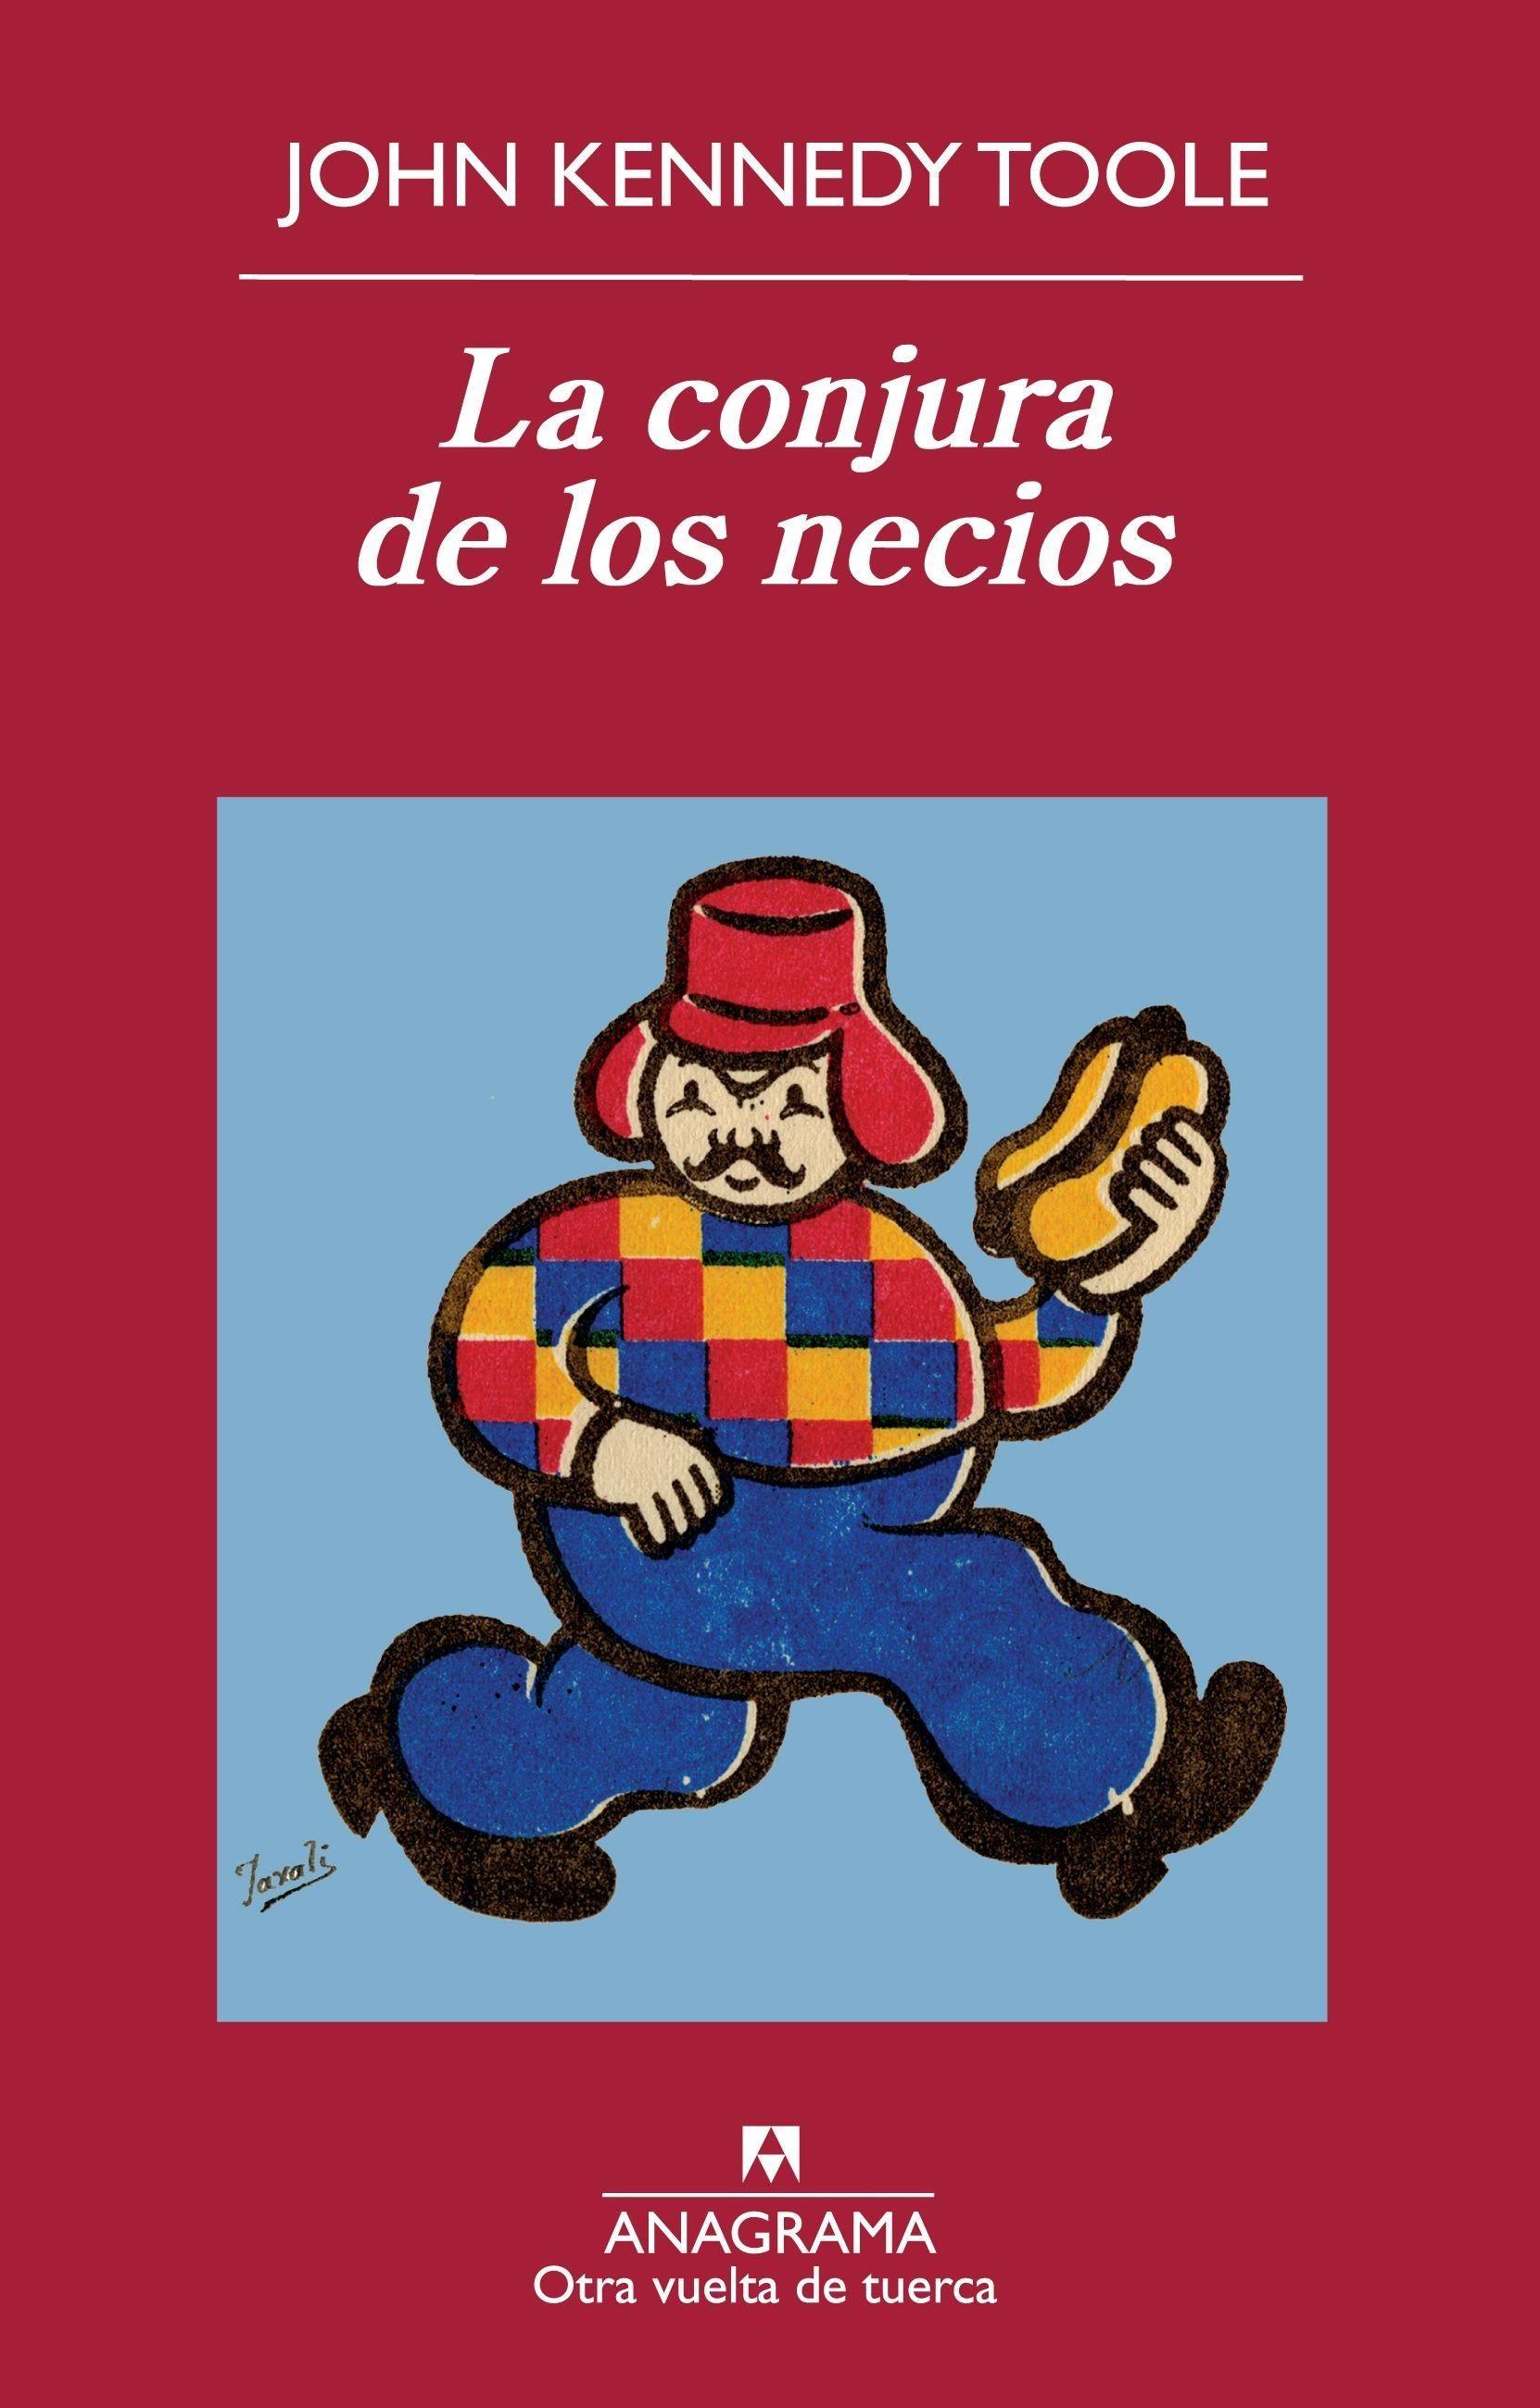 La Conjura De Los Necios Pelicula Www Libreriaalberti Com John Kennedy This Book Paperbacks